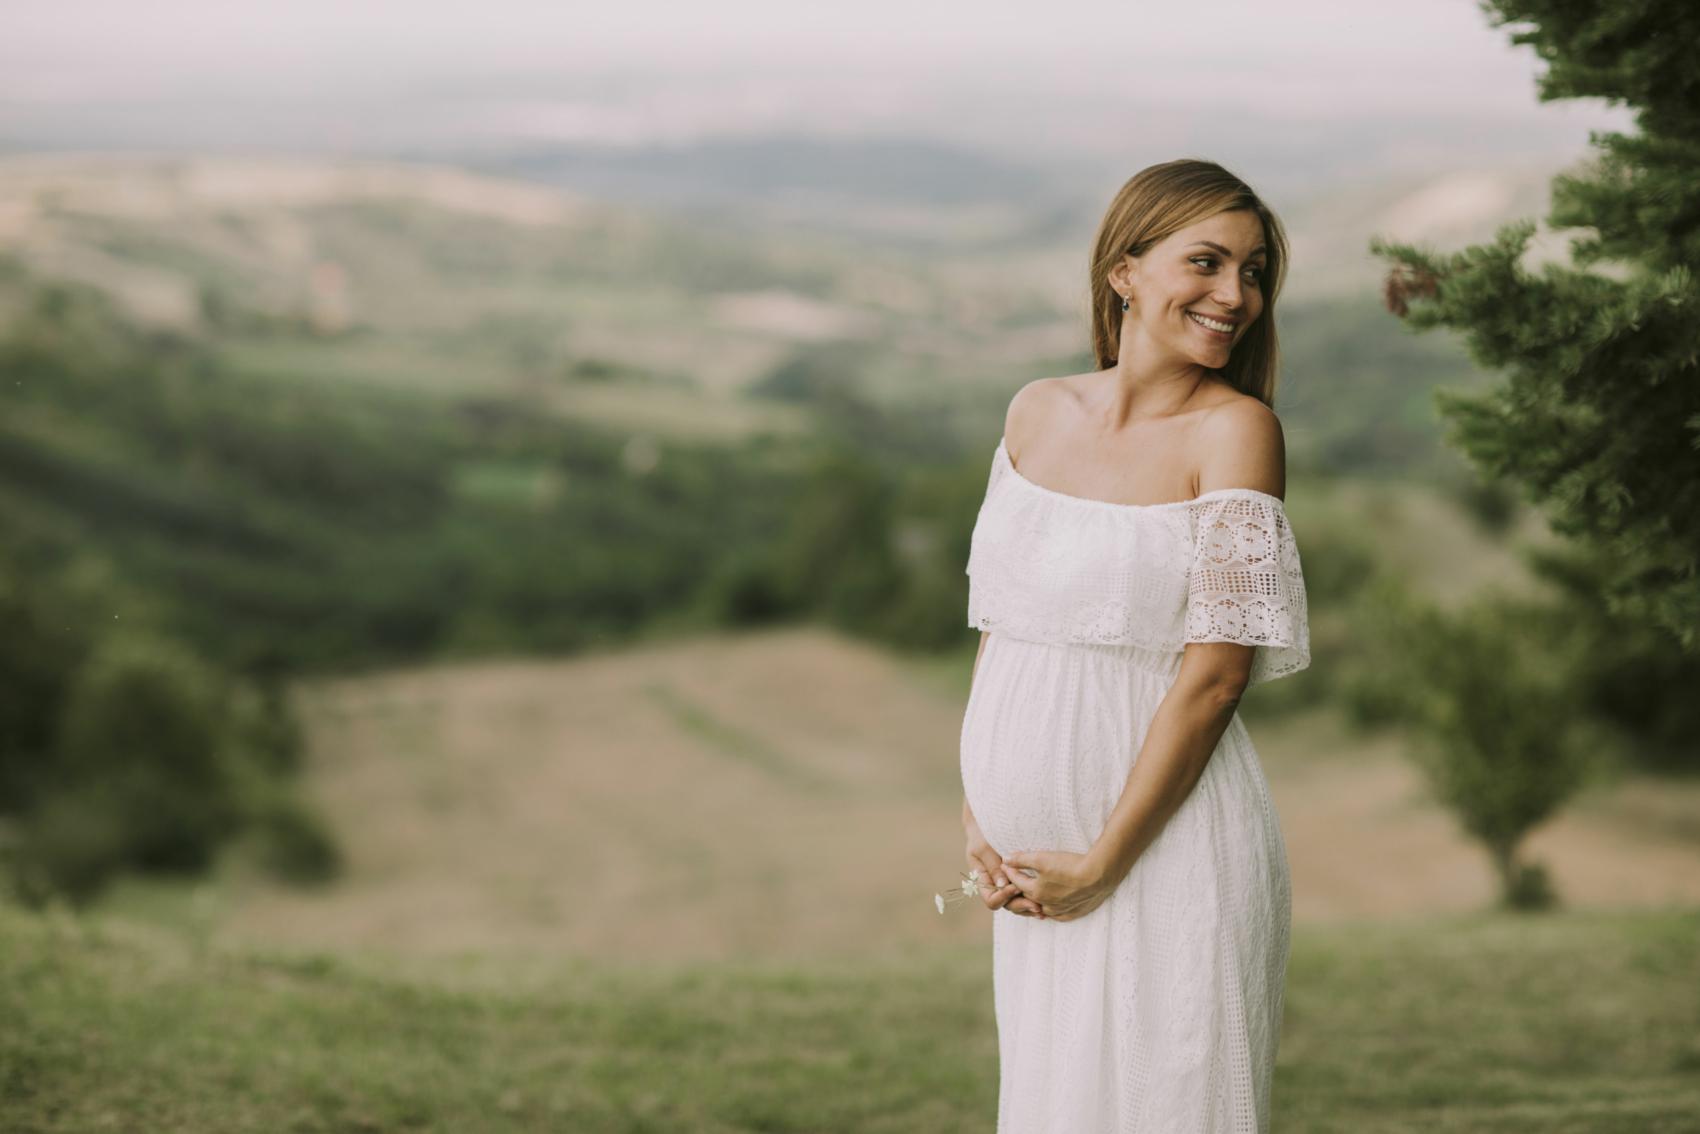 Schwangere Frau steht in der Natur in weißem Kleid